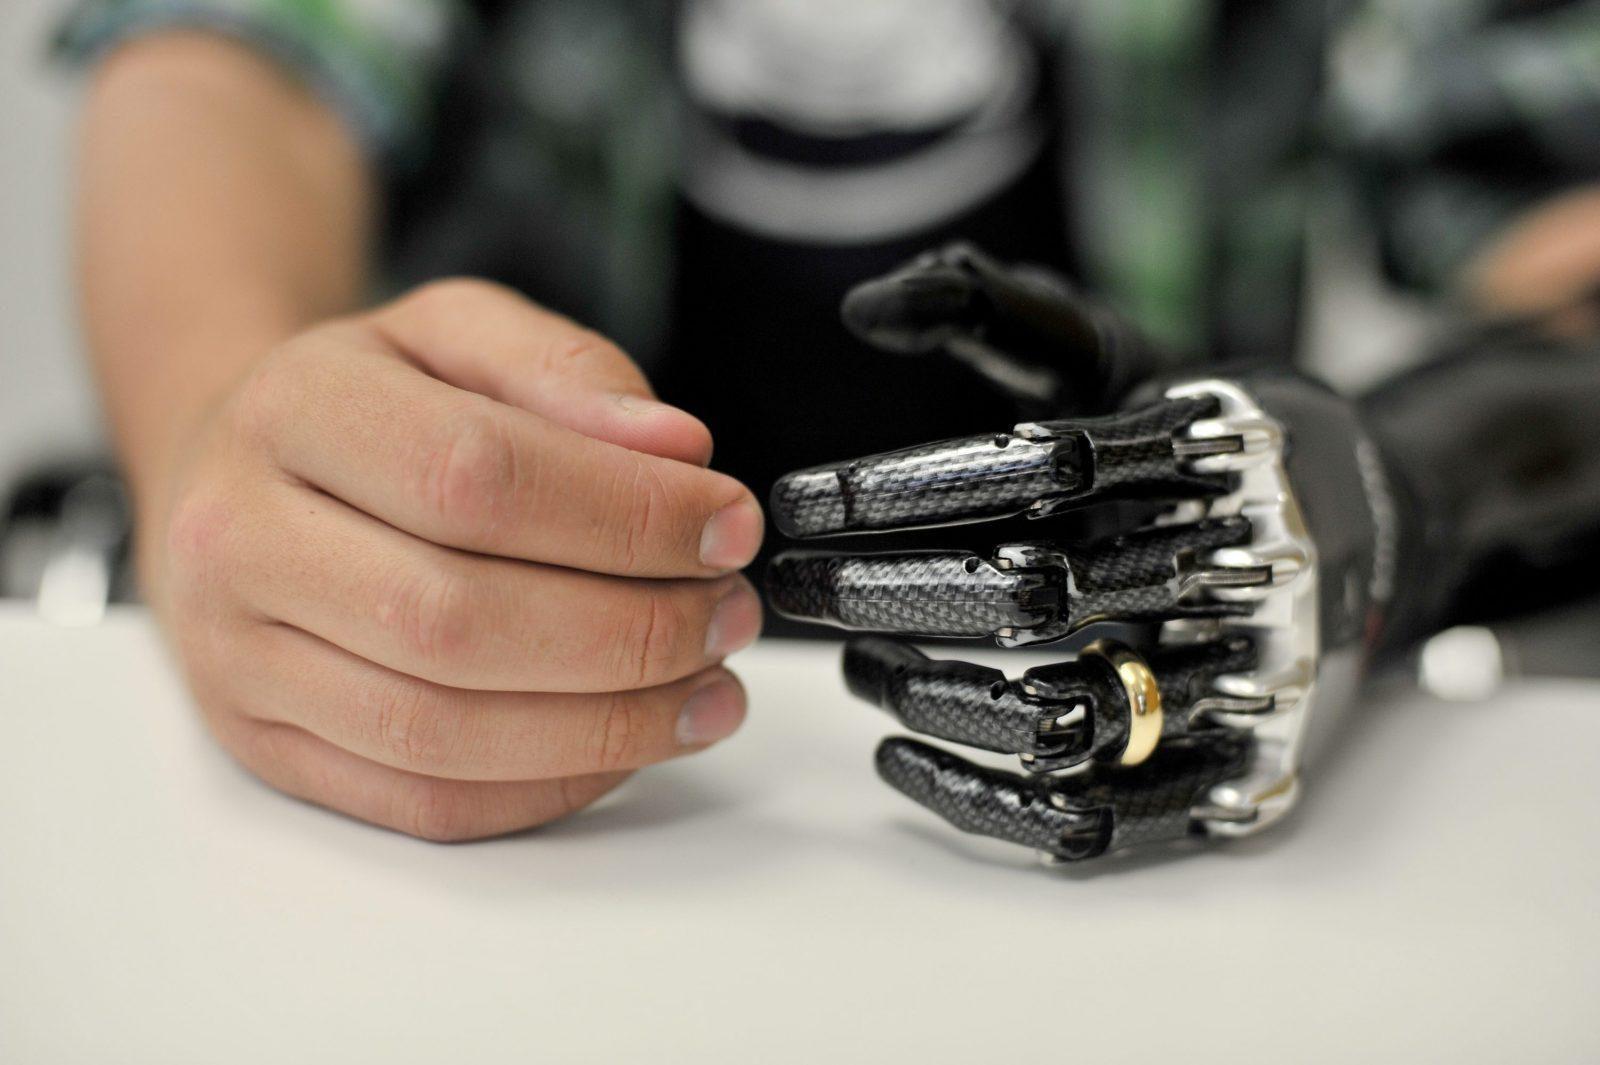 Разработка и усовершенствование протезов продолжается, и, может быть, лет через 10-15 они мало чем будут отличаться от настоящих конечностей